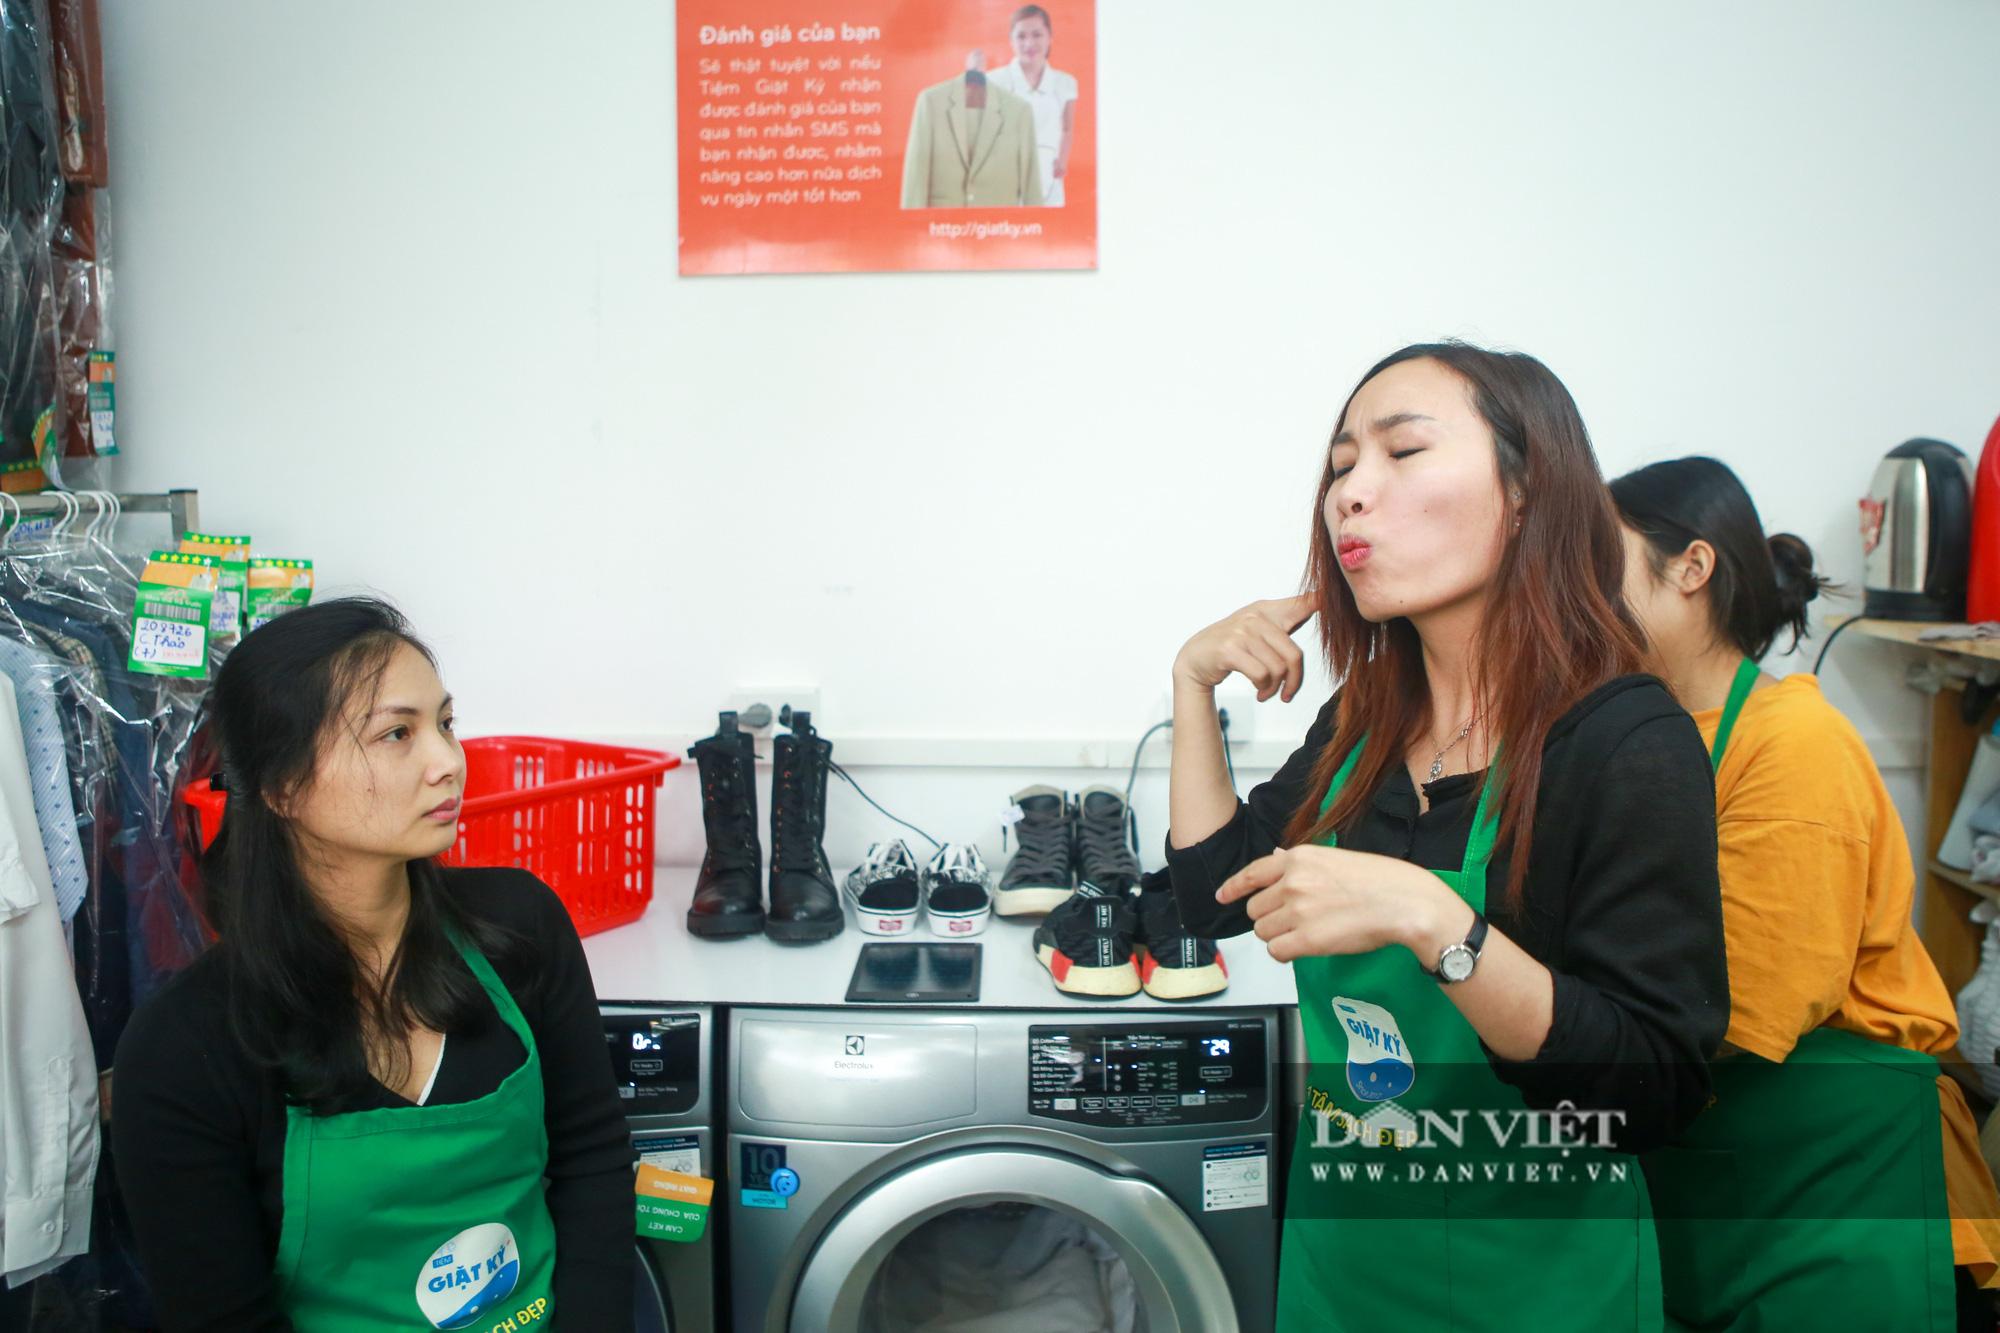 Tiệm giặt là không tiếng nói của những cô gái xinh đẹp tại Hà Nội - Ảnh 8.